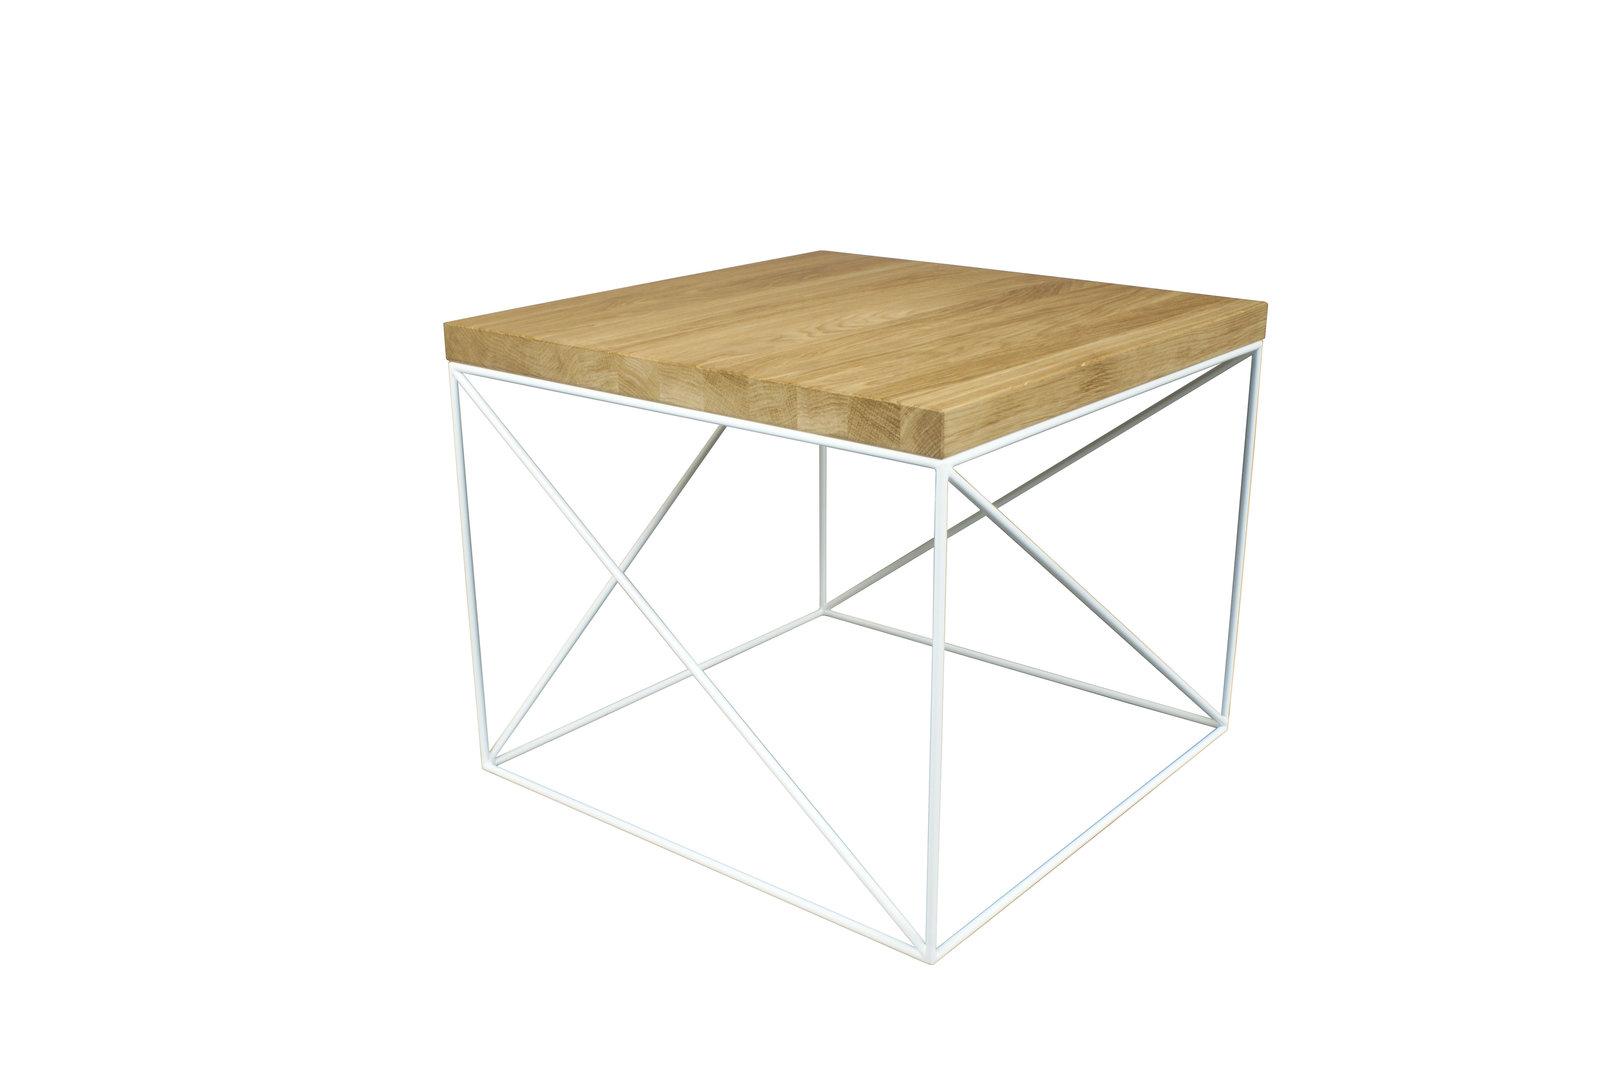 take me home hamburg couchtisch online kaufen buerado. Black Bedroom Furniture Sets. Home Design Ideas